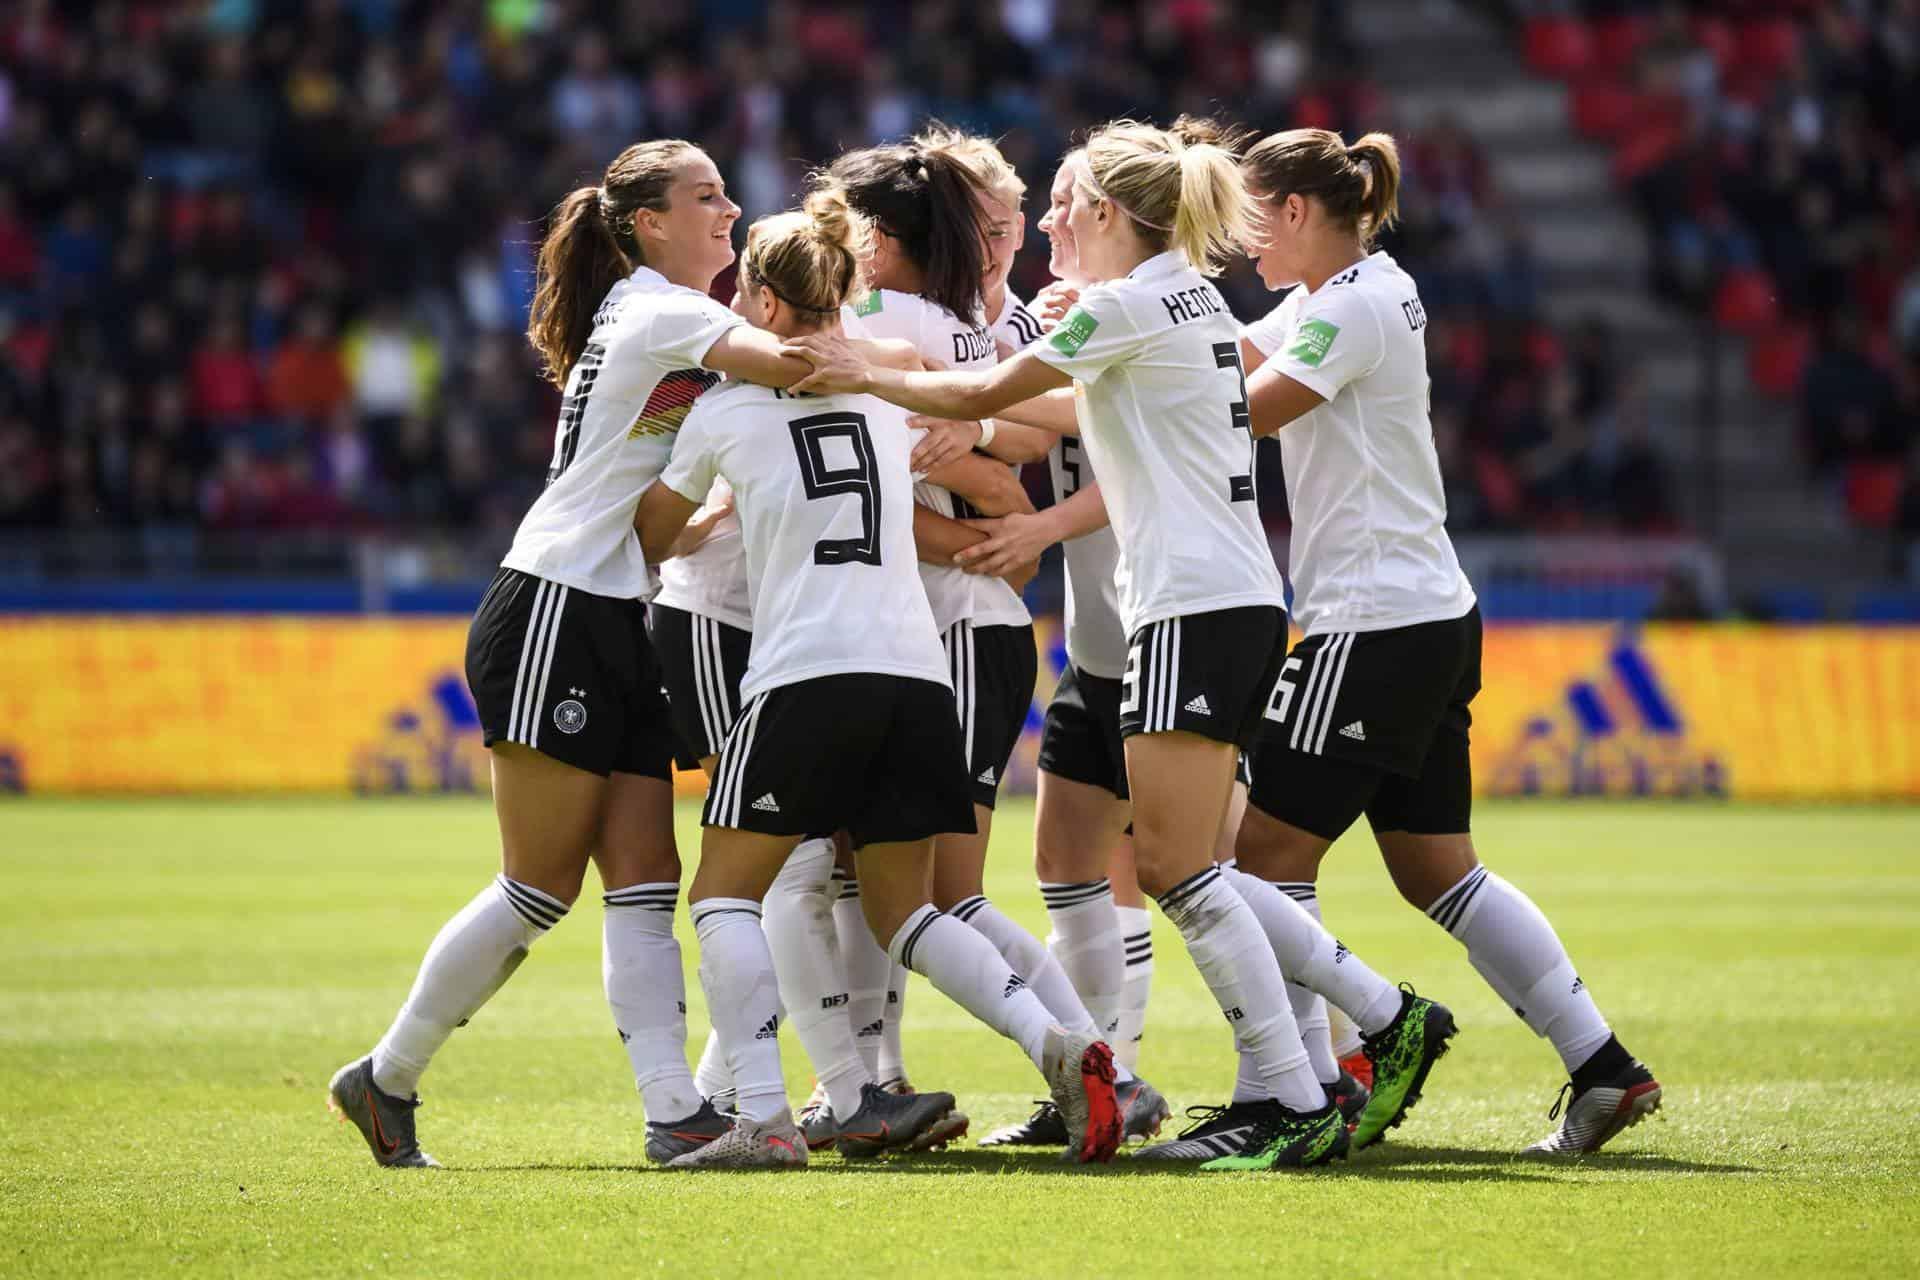 Die Frauenfußballerinnen der deutschen Nationalelf. Foto: picture alliance/ Foto Huebner